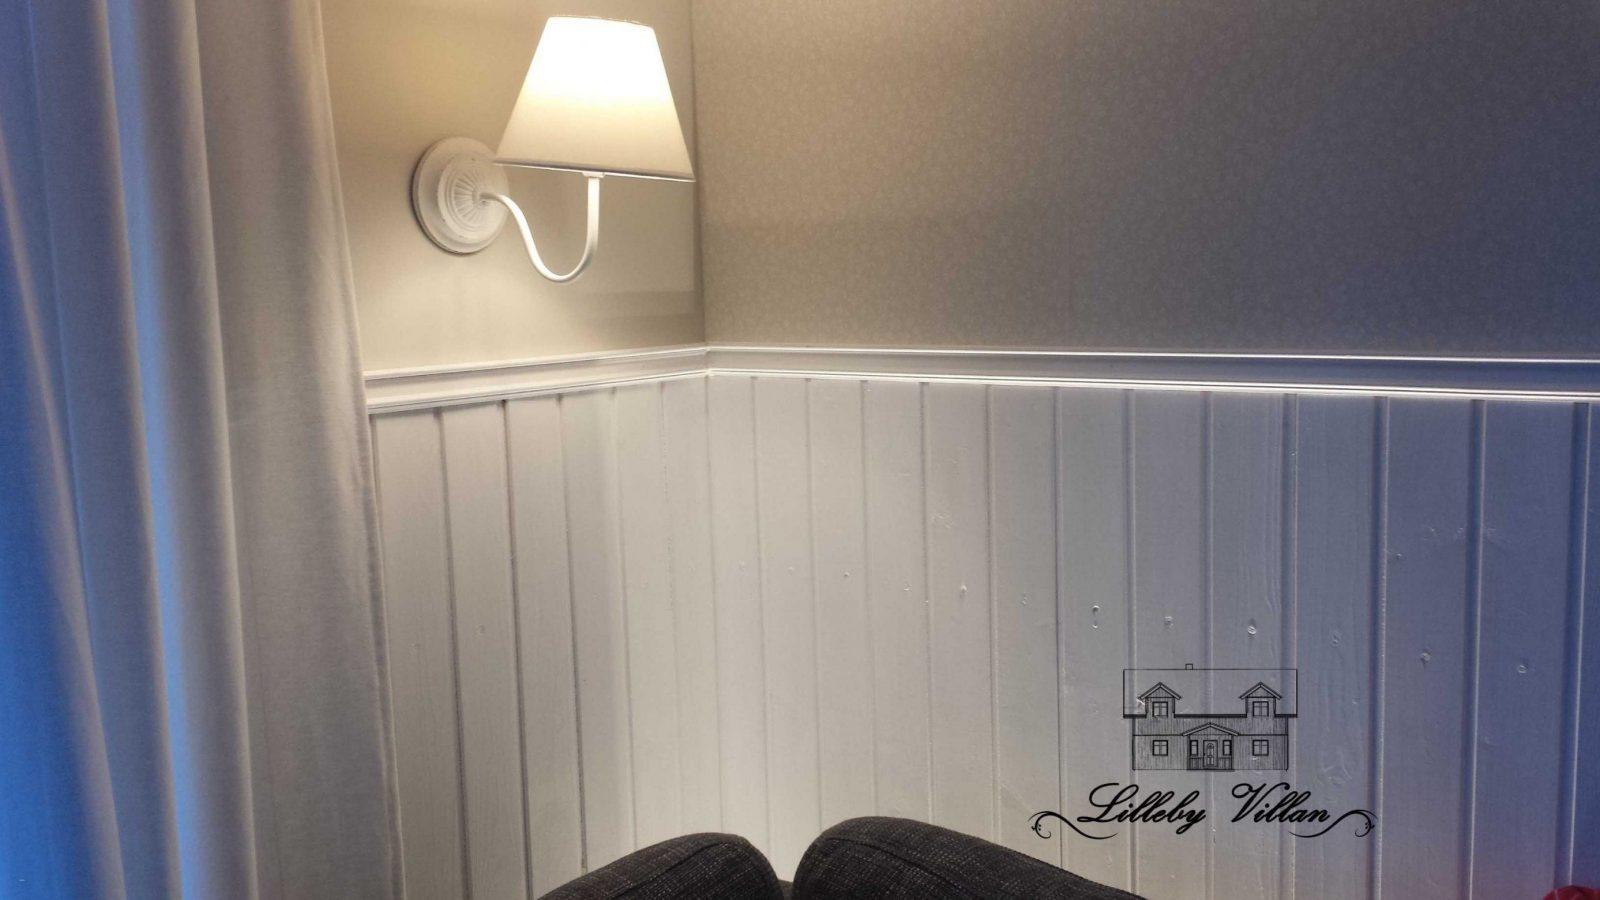 Holzdecke Mit Wandfarbe Streichen Luxus Anleitung Holzwand Wohnideen von Holzdecke Mit Wandfarbe Streichen Bild